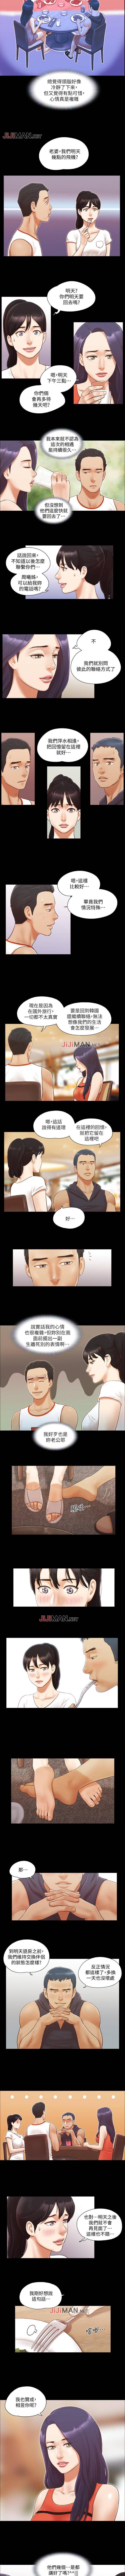 【周五连载】协议换爱(作者:遠德) 第1~57话 42